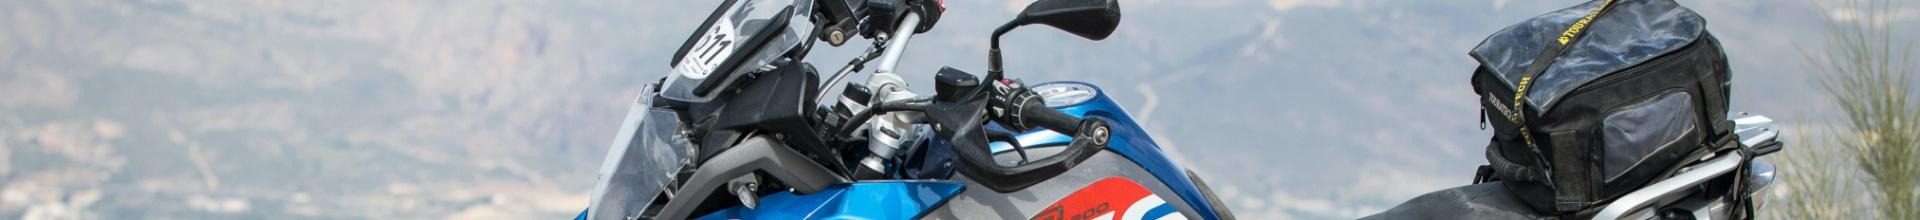 RMA & K-moto Motokemp 2 14. - 15.09.2021